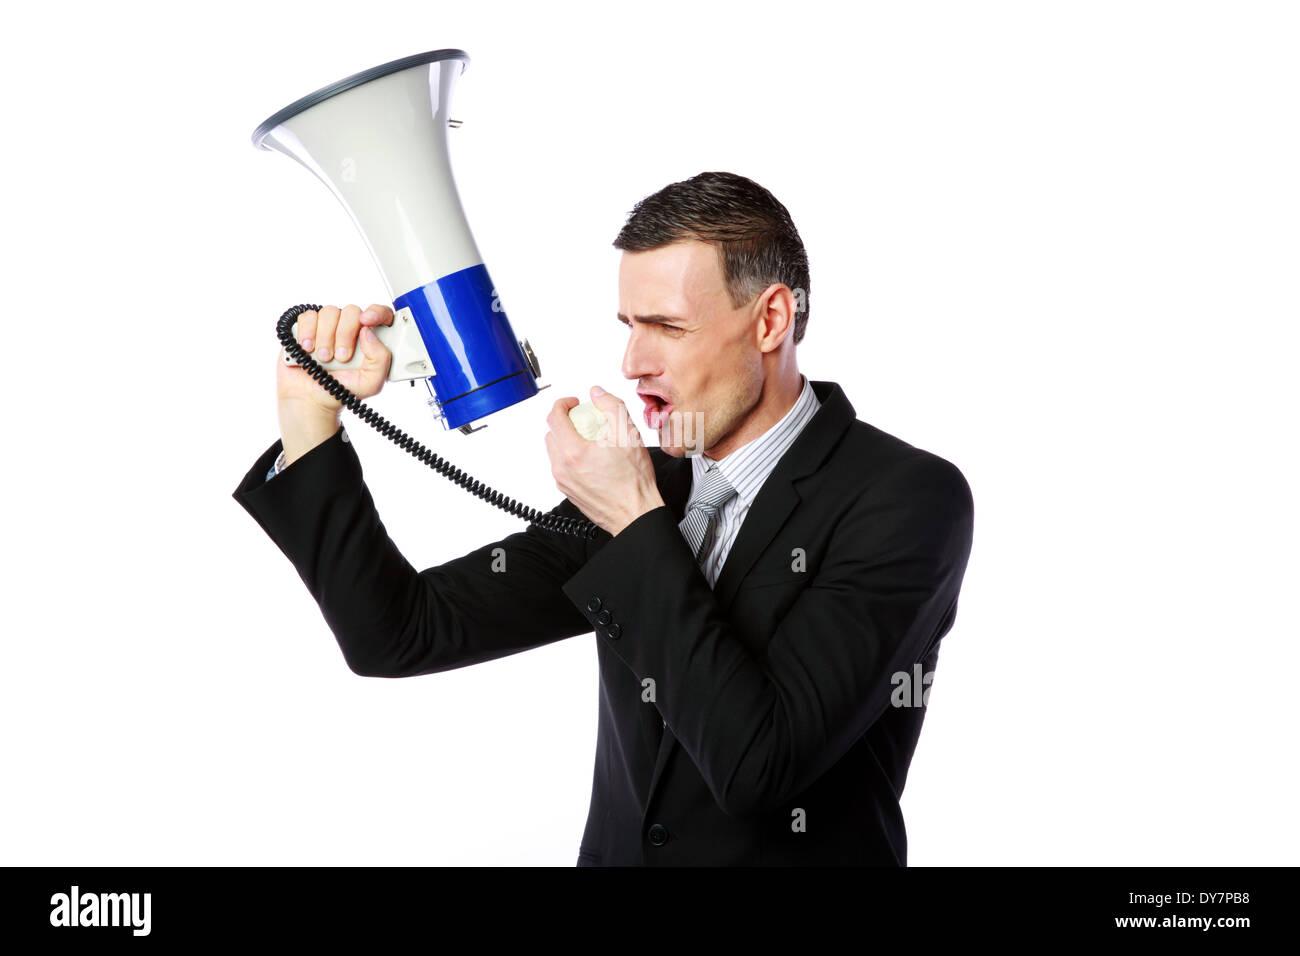 Retrato del hombre de negocios gritando a través del megáfono aislado sobre fondo blanco. Imagen De Stock